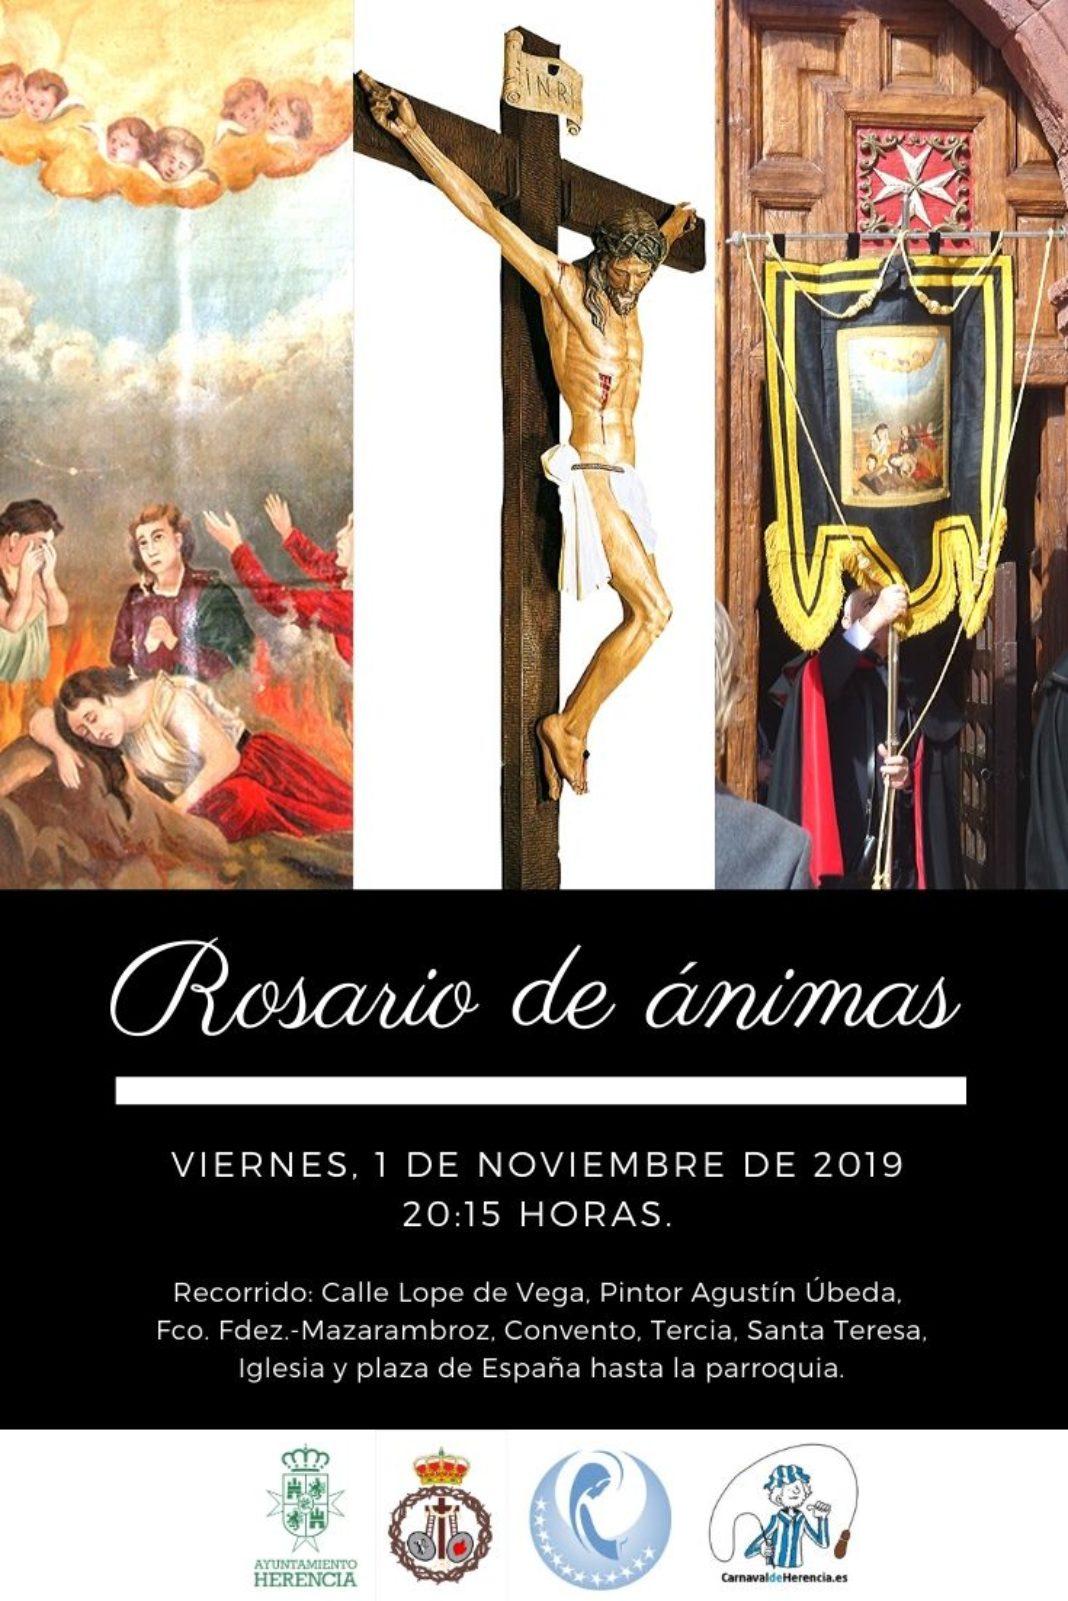 Rosario de ánimas 1068x1601 - El Cristo de la Esperanza procesiona por primera vez en Herencia durante el Rosario de Ánimas